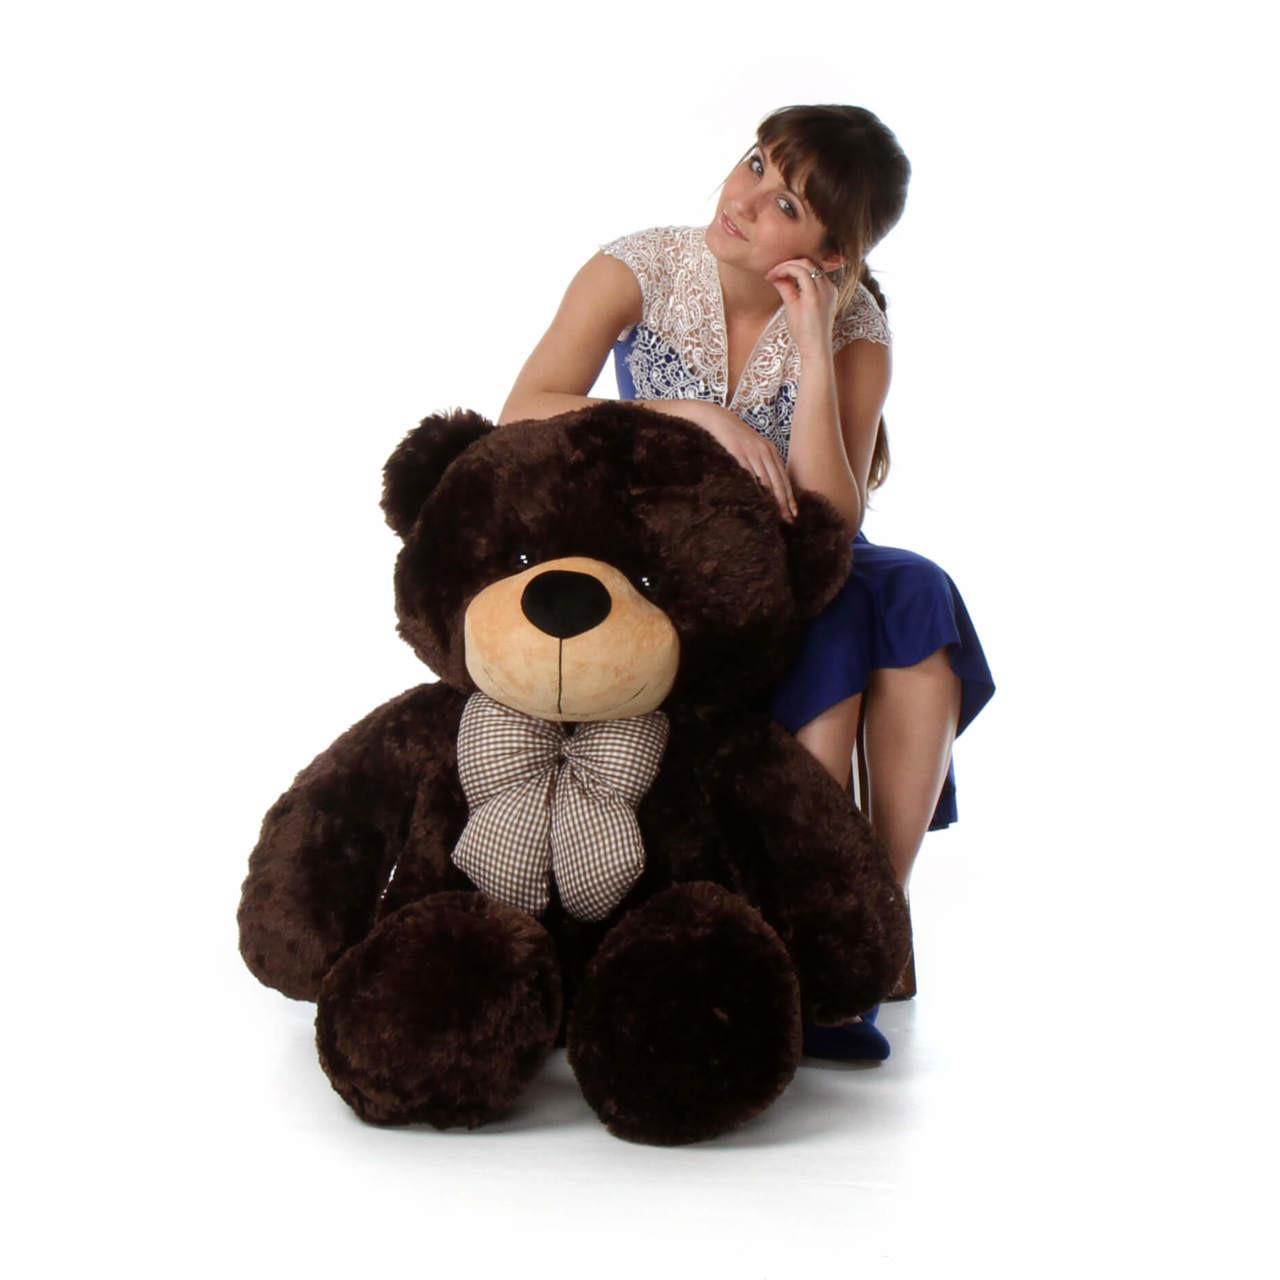 4ft huggable Brown Teddy Bear Brownie Cuddles Chocolate Brown Fur